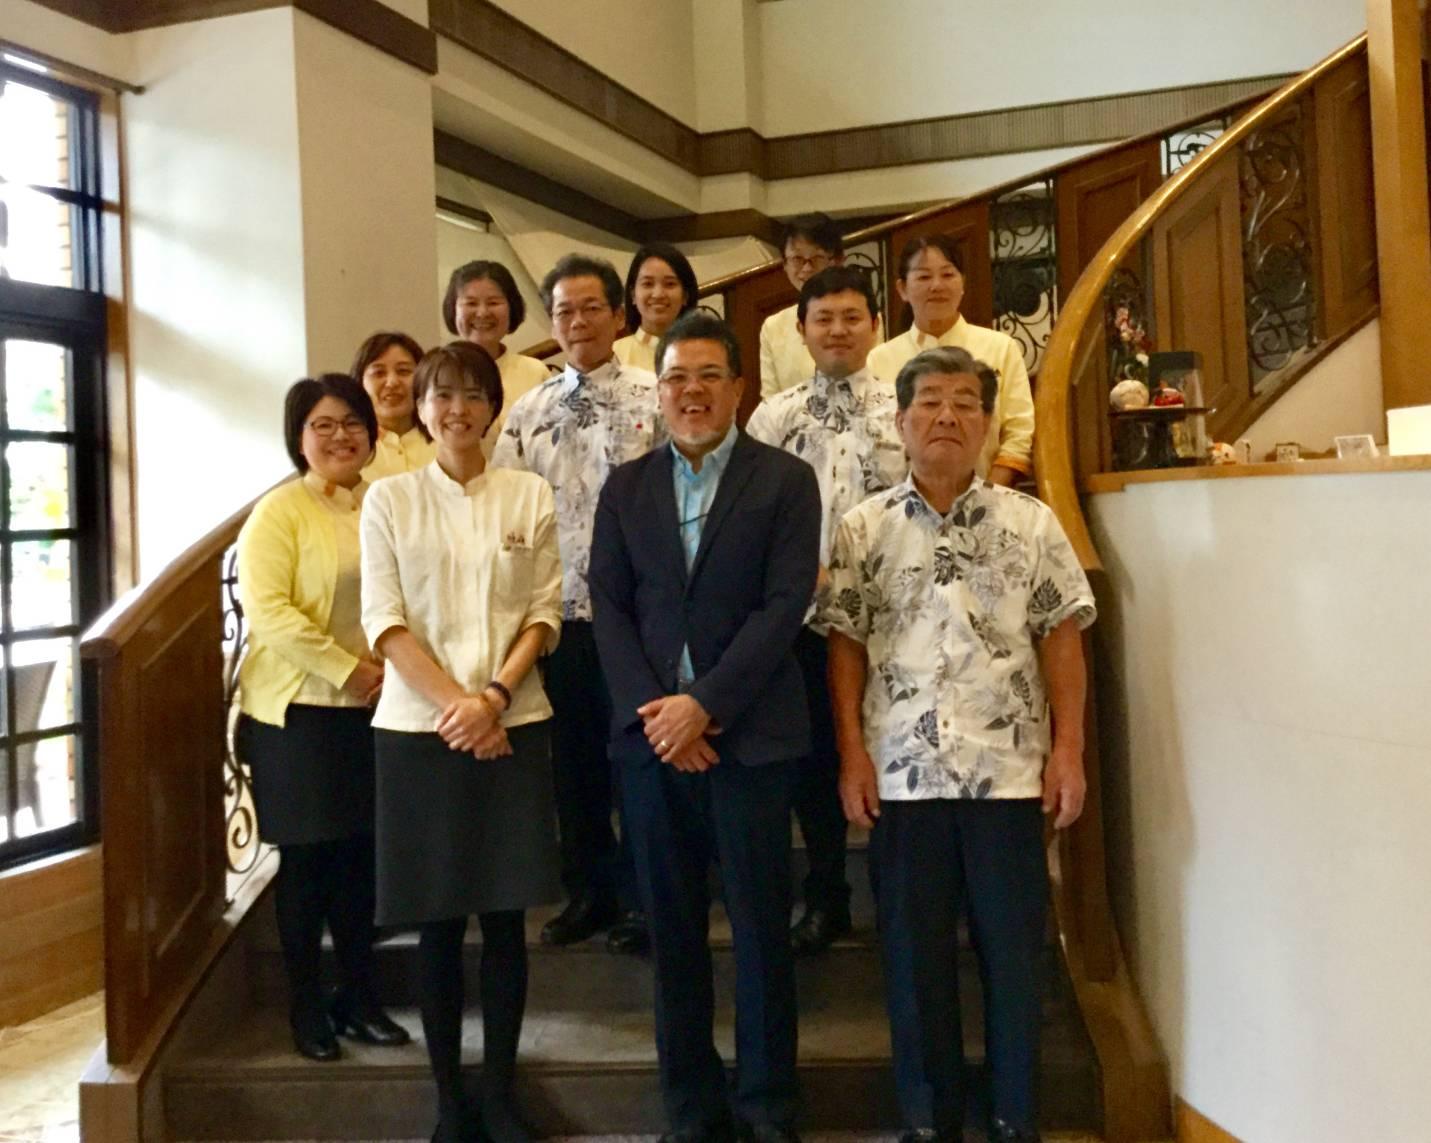 今年ありがとうございました!沖縄県那覇市 ホテルサンパレス球陽館  糸満市 いとまんピースフルイルミネーション